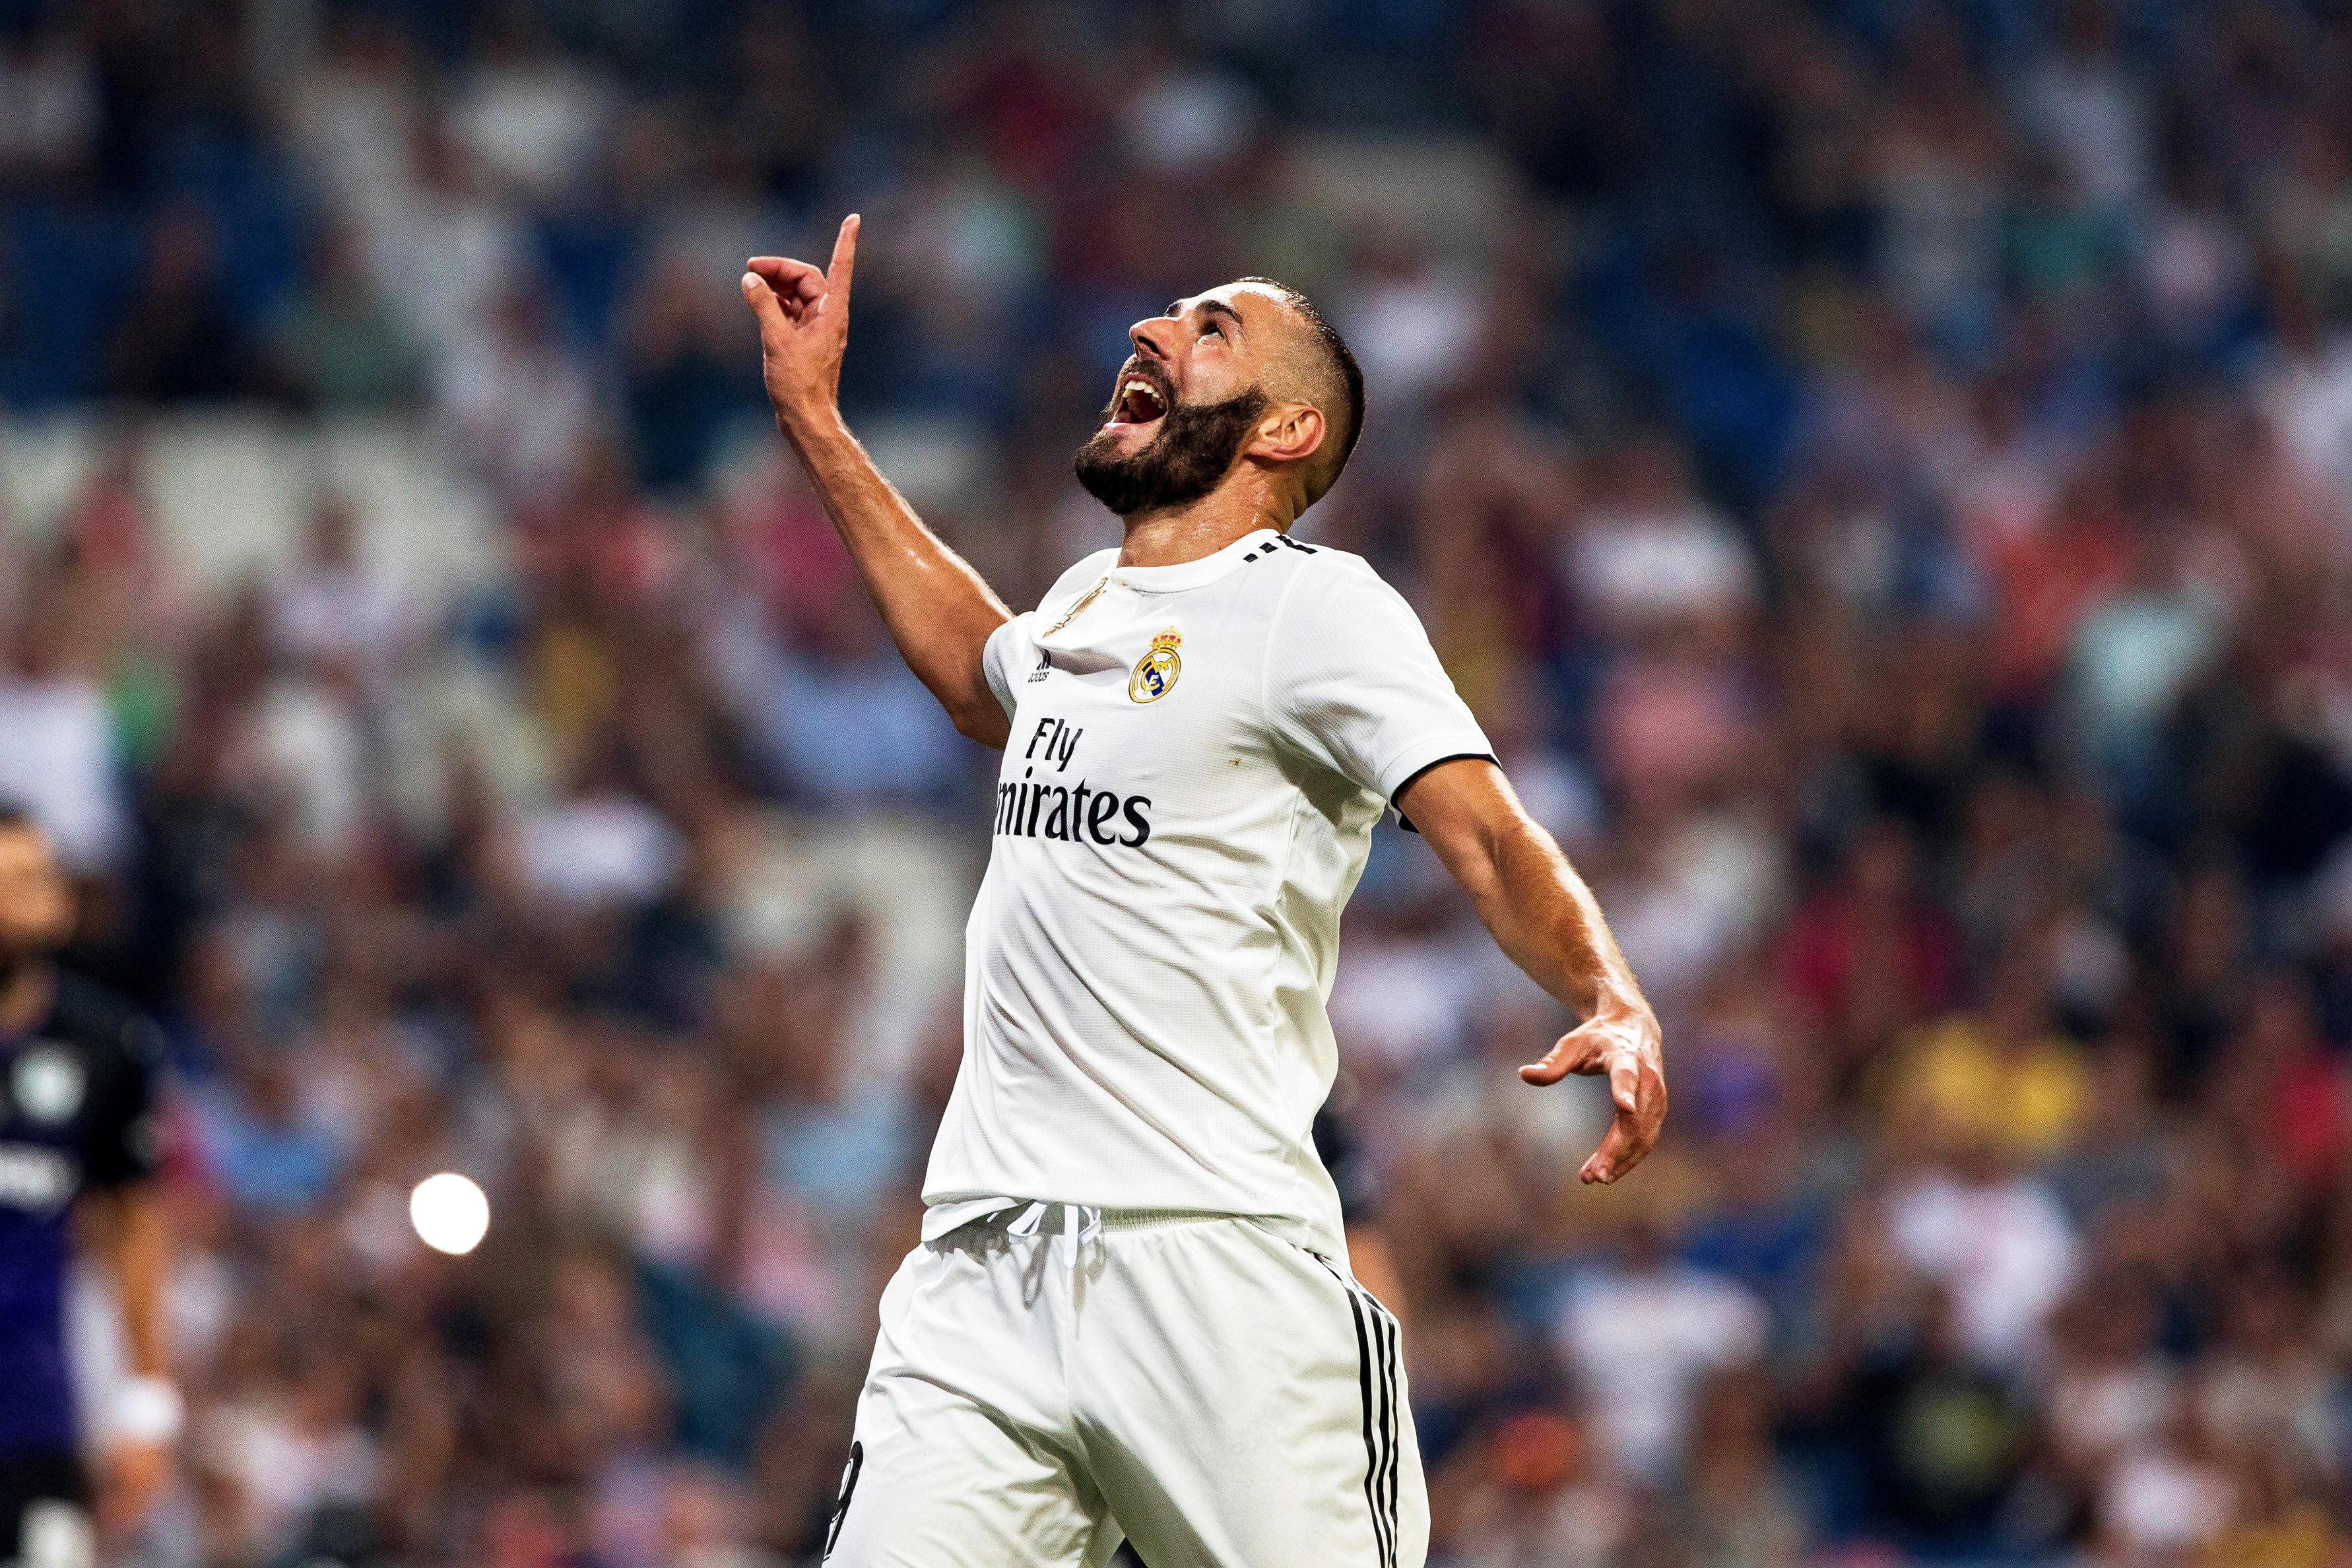 Golo de Benzema dá vitória ao Real Madrid e subida provisória ao terceiro lugar